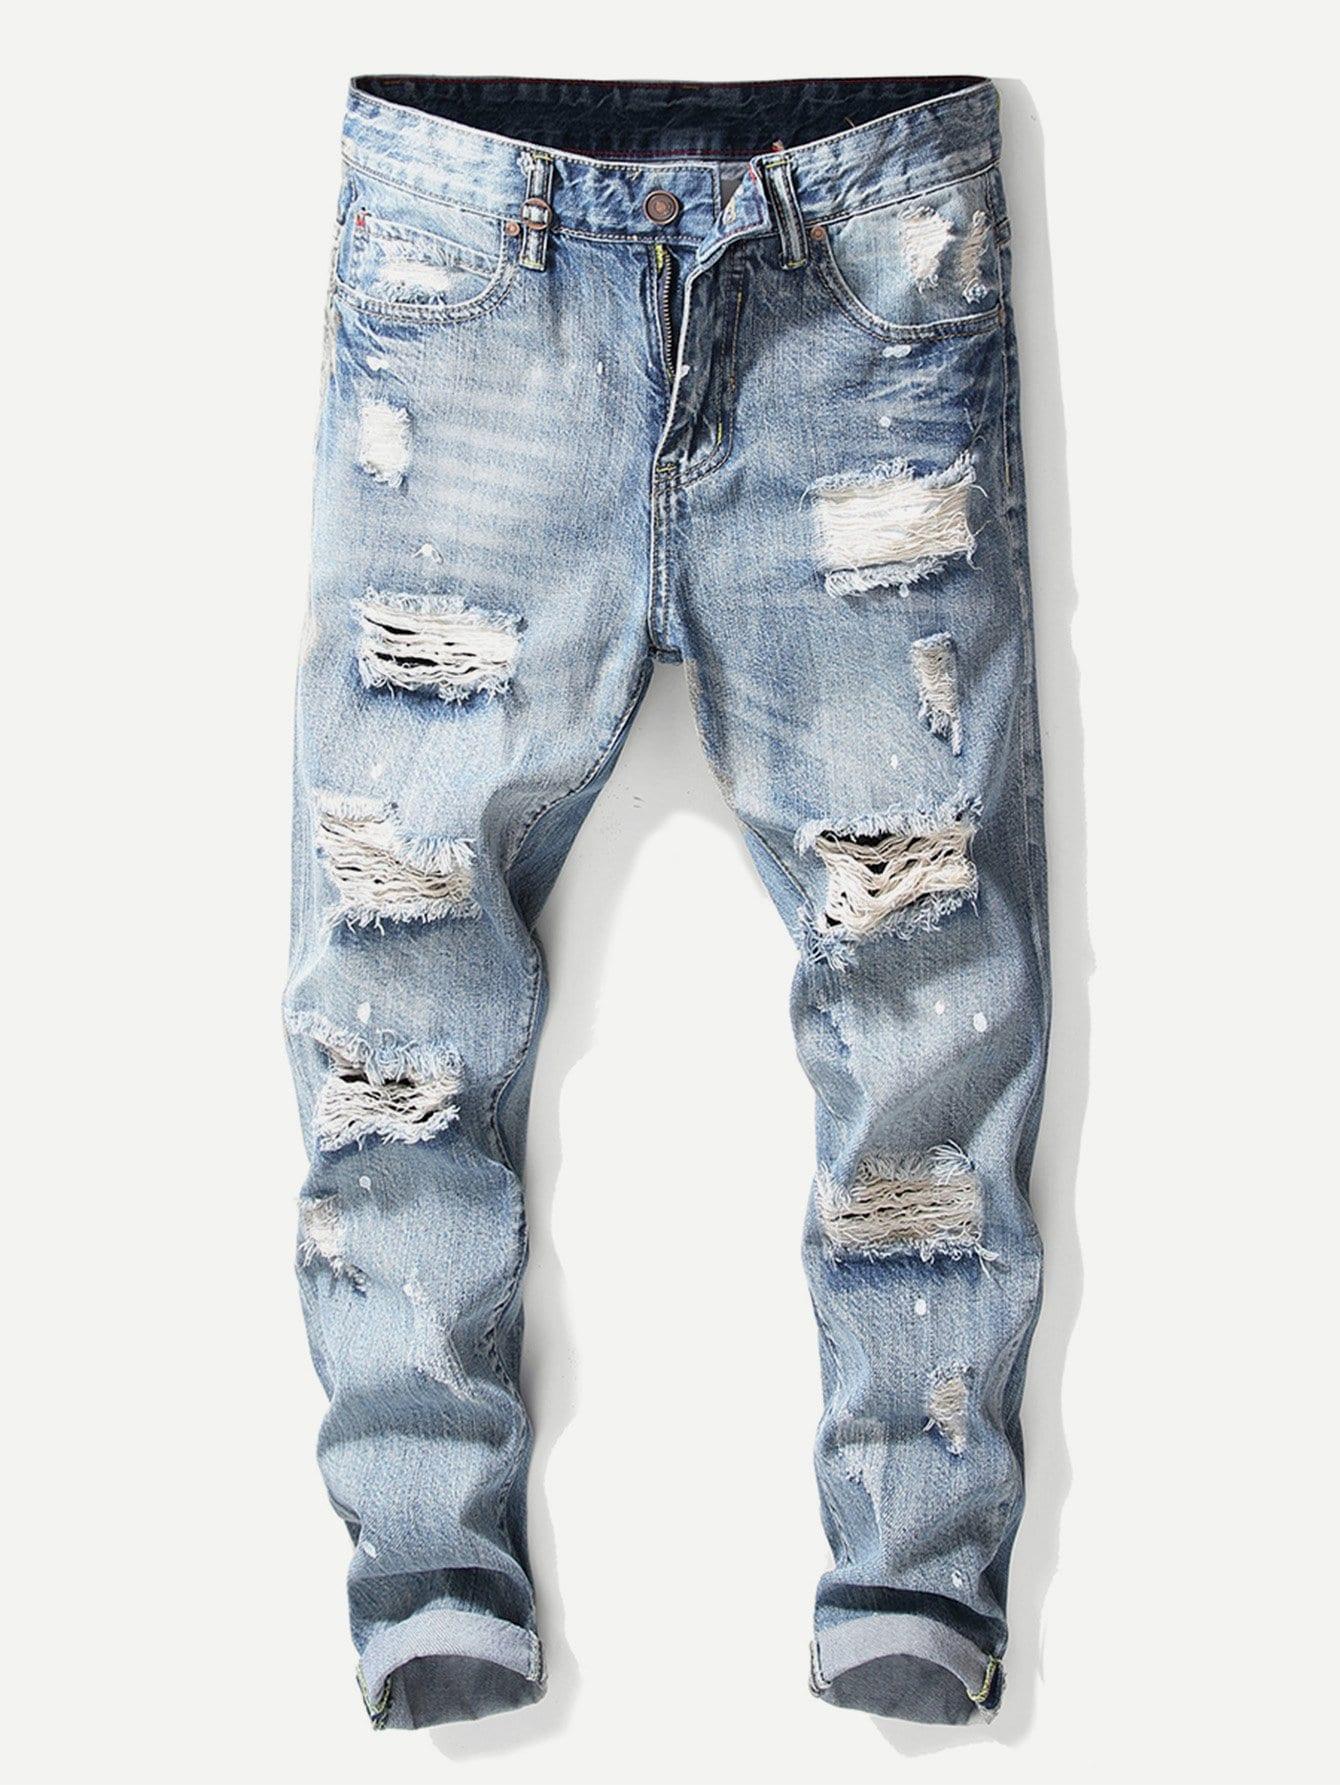 Купить Рваные полотняные джинсы для мужчины, null, SheIn